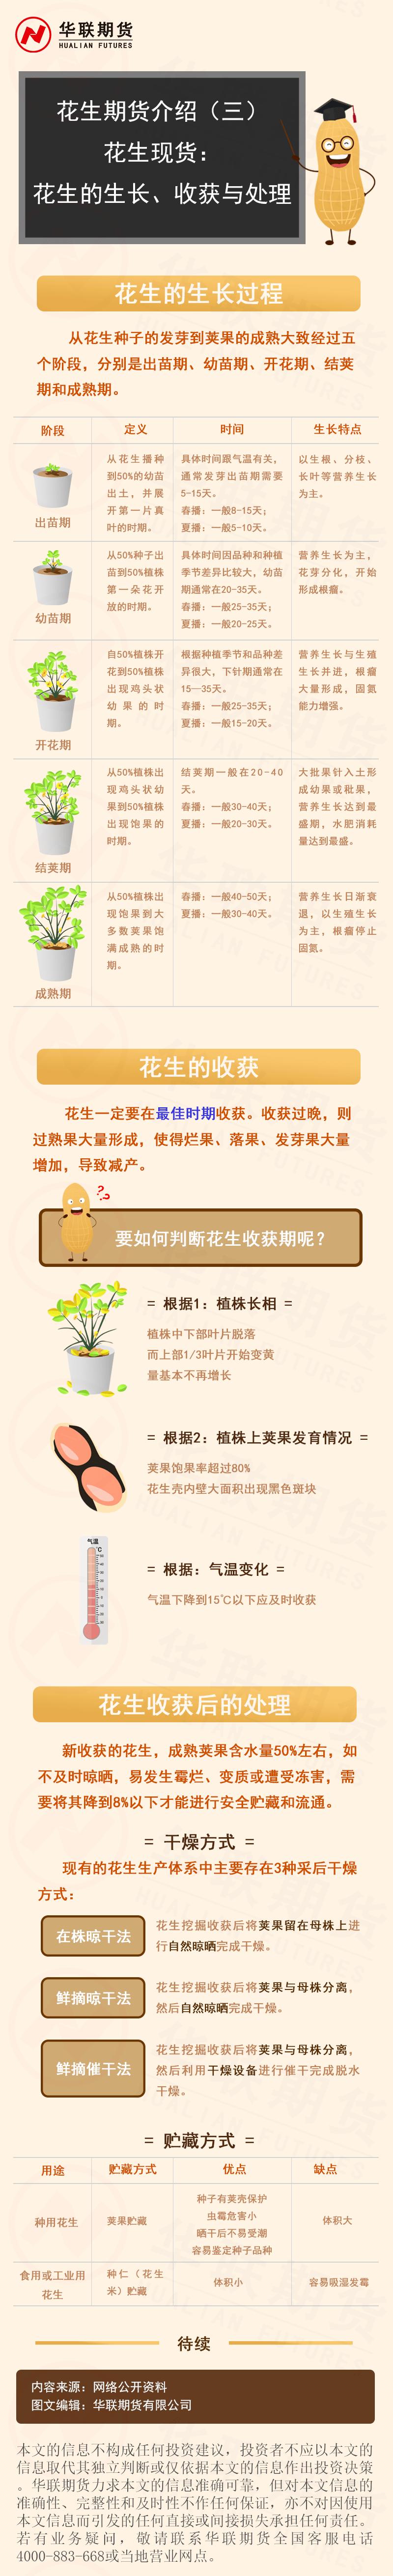 [图片]花生期货介绍(三)花生现货|花生生长过程、收获及处理